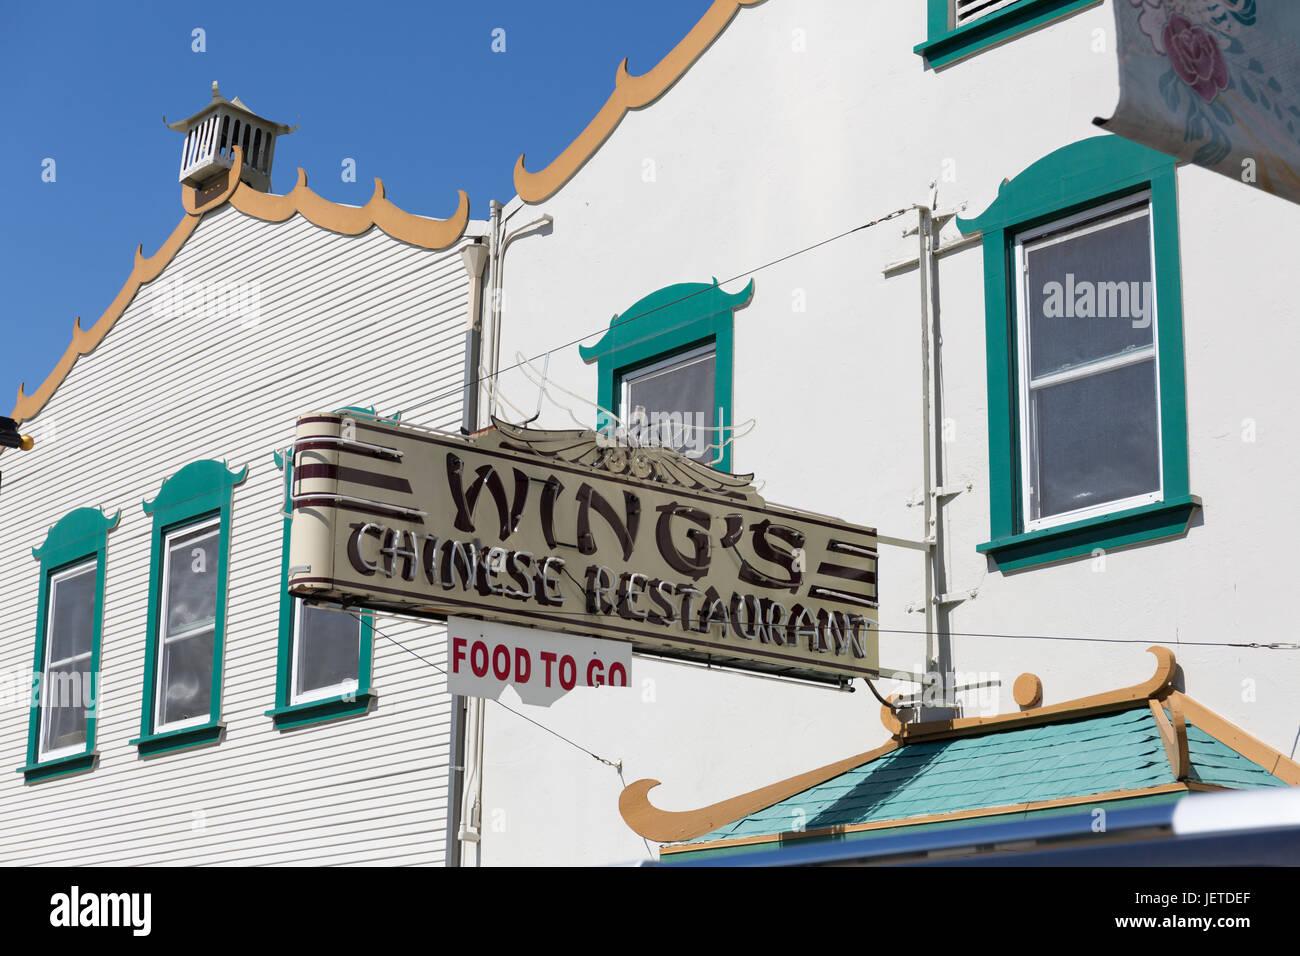 Japantown San Jose Stock Photo 146825575 Alamy